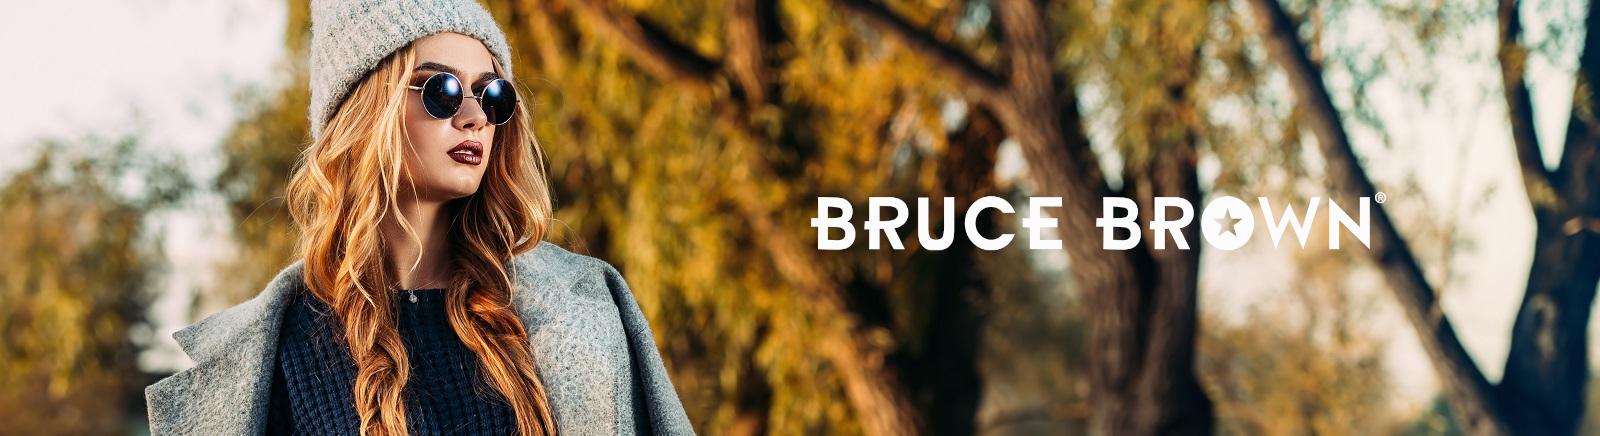 Bruce Brown Damenschuhe online kaufen bei PRANGE Schuhe